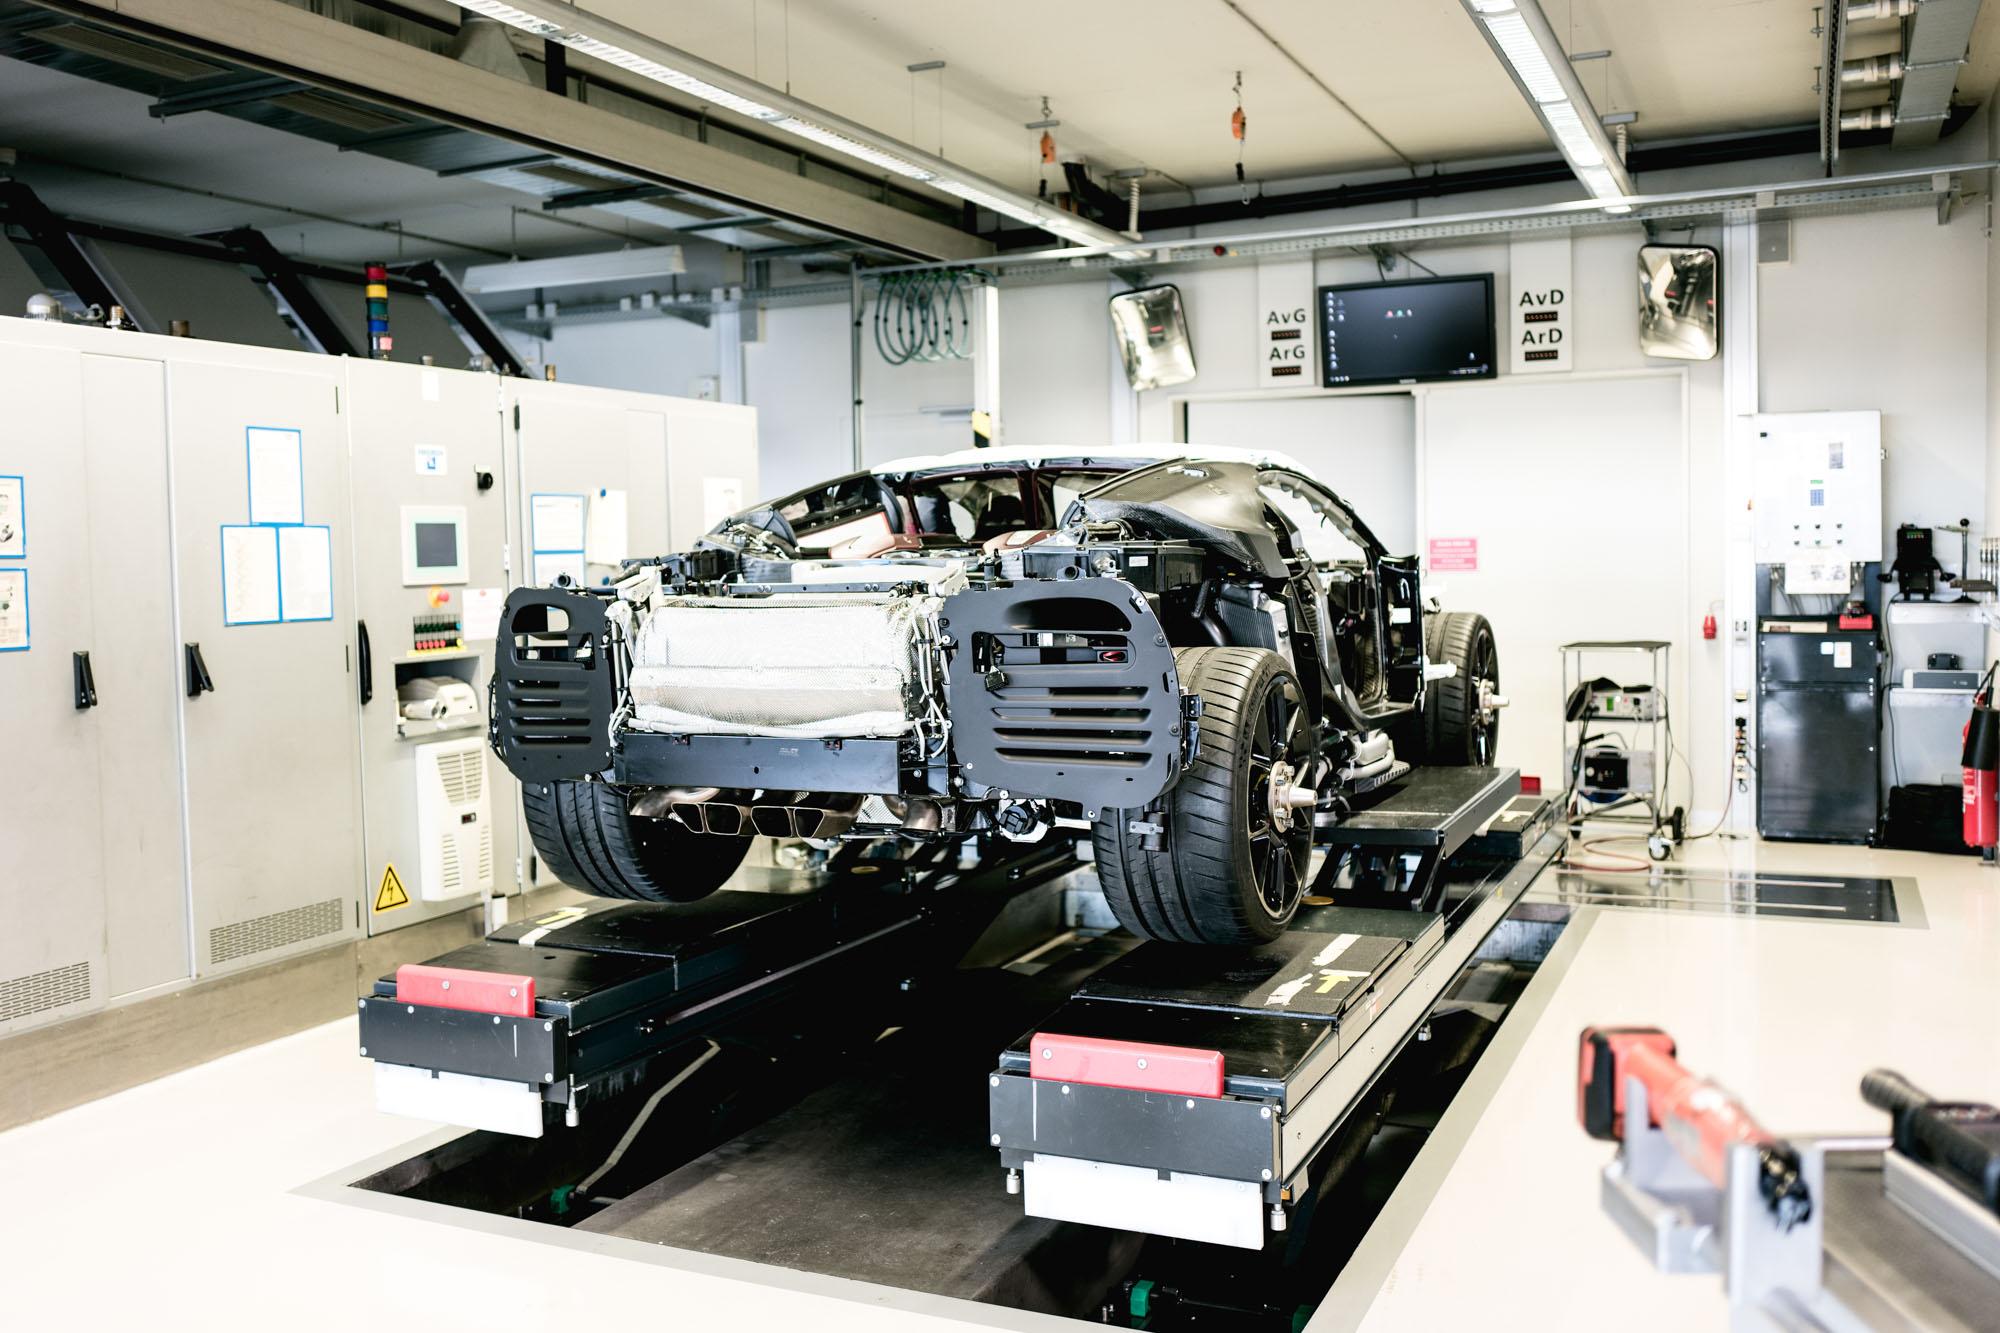 Ateliers Bugatti à Molsheim - Lieu de remplissage